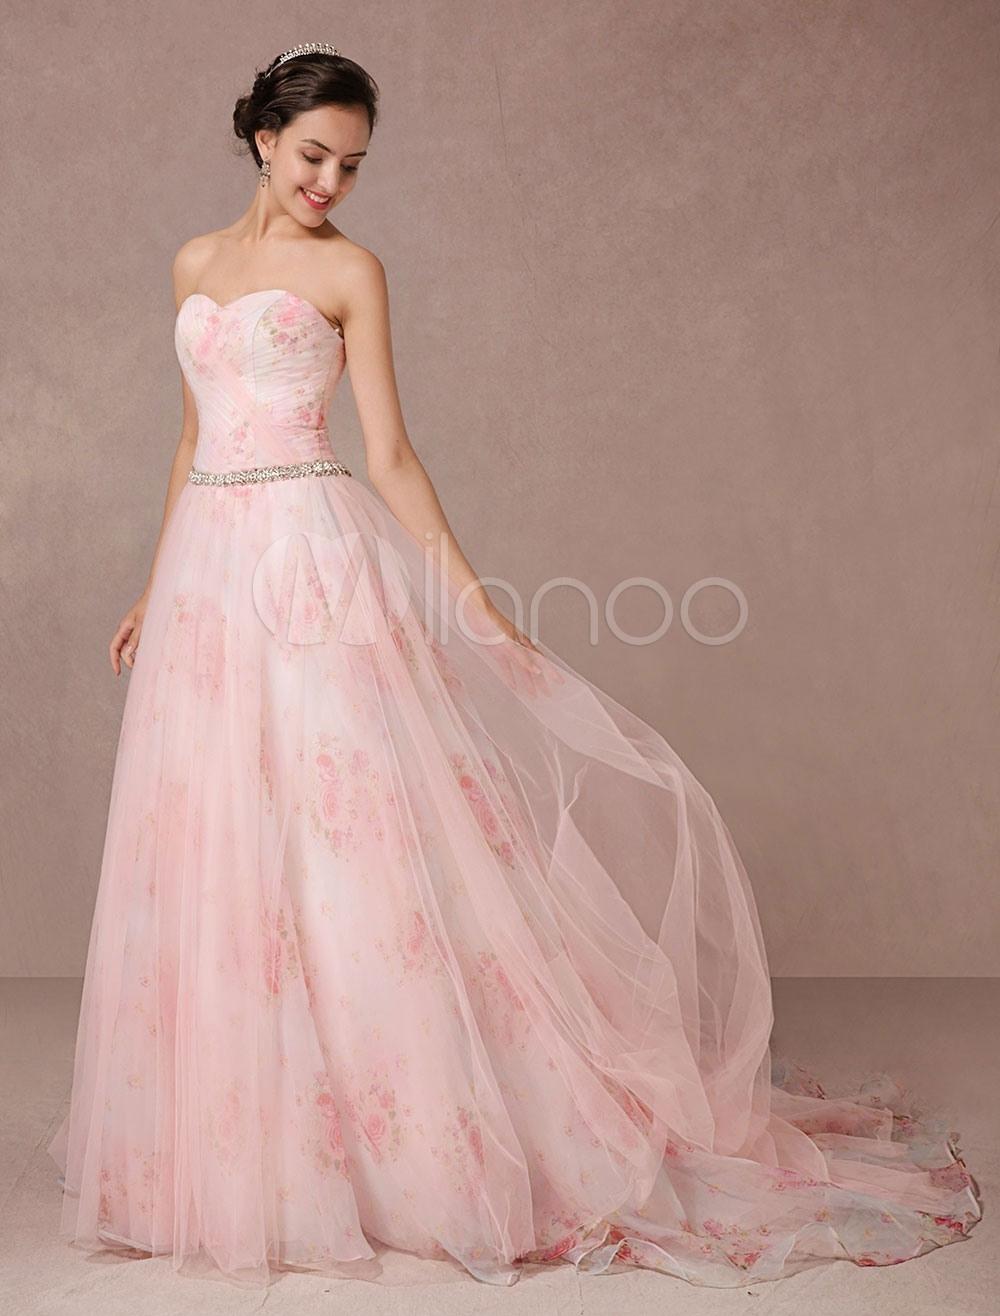 10 Genial Rosa Kleid Für Hochzeit ÄrmelFormal Cool Rosa Kleid Für Hochzeit Design